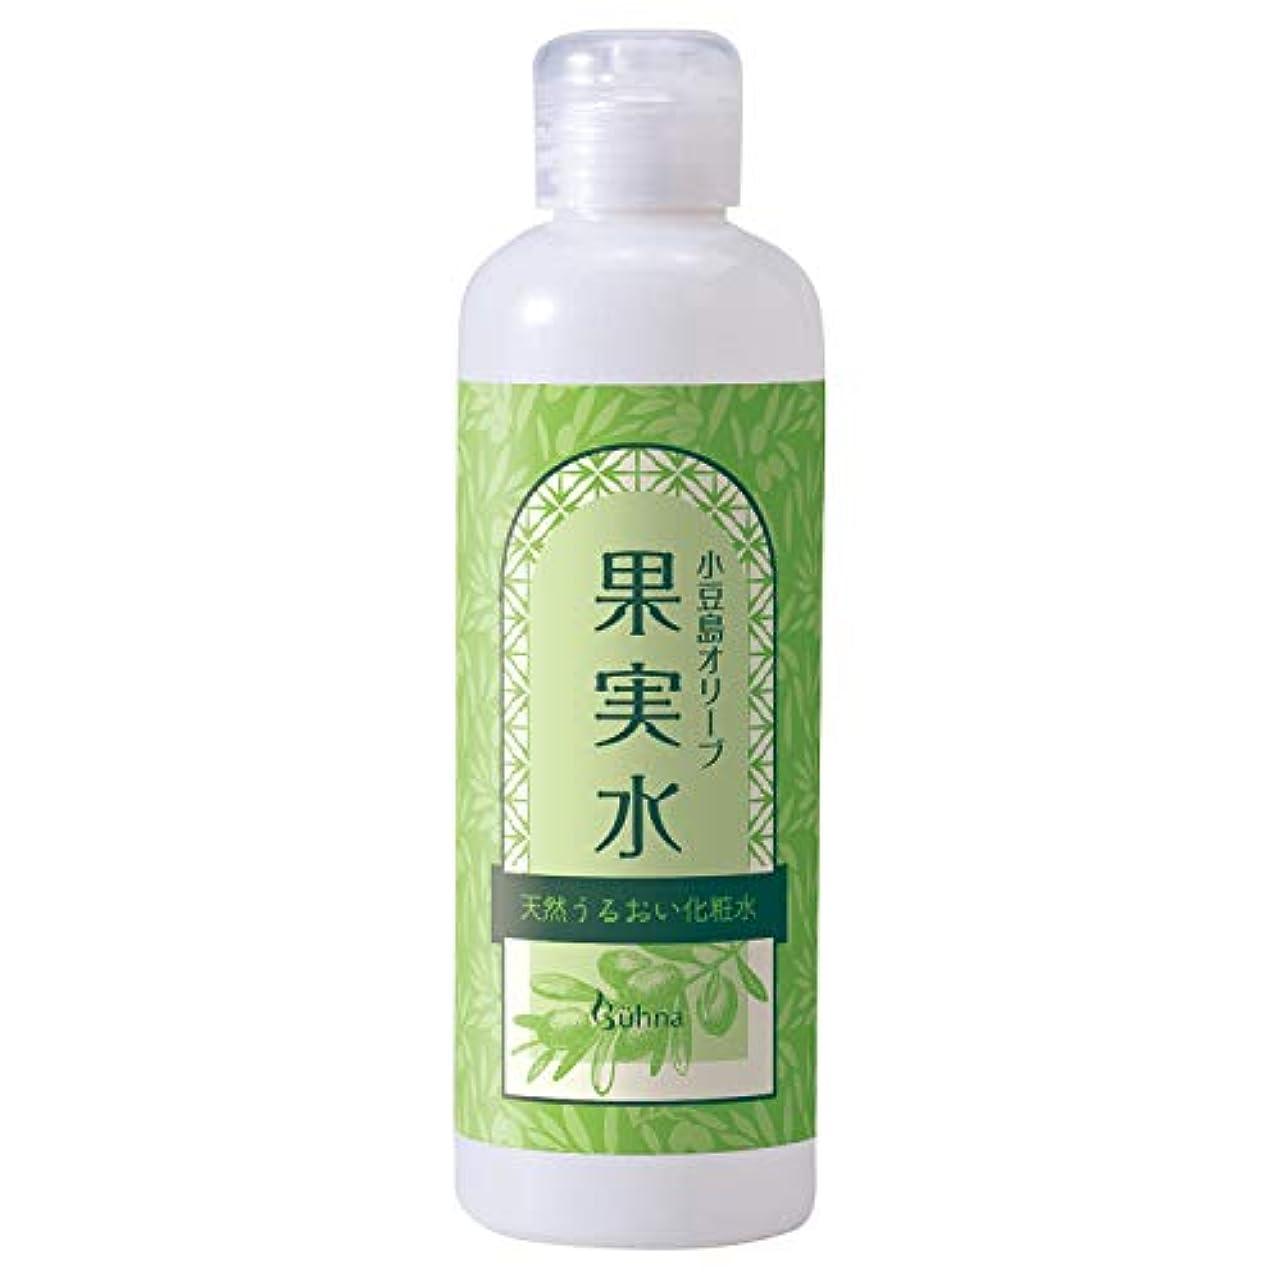 ジュース悲観的吐くビューナ 小豆島オリーブ果実水 化粧水 保湿 オリーブオイル 無着色